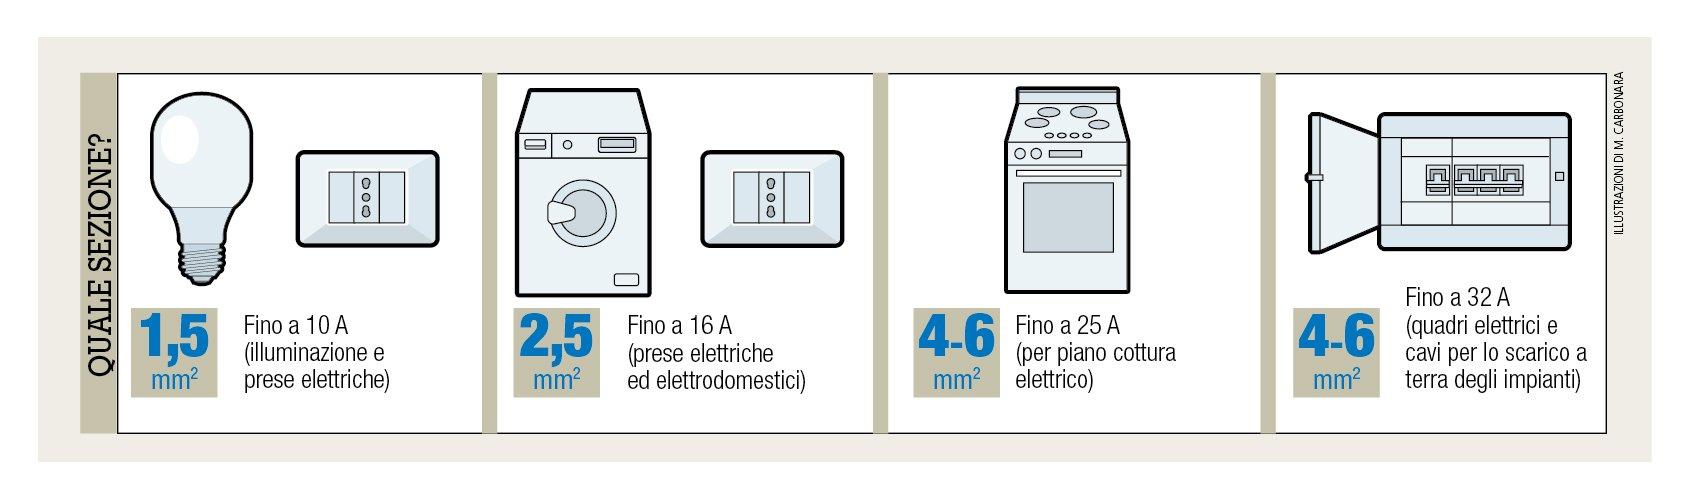 impianto elettrico: dalla a alla z - cose di casa